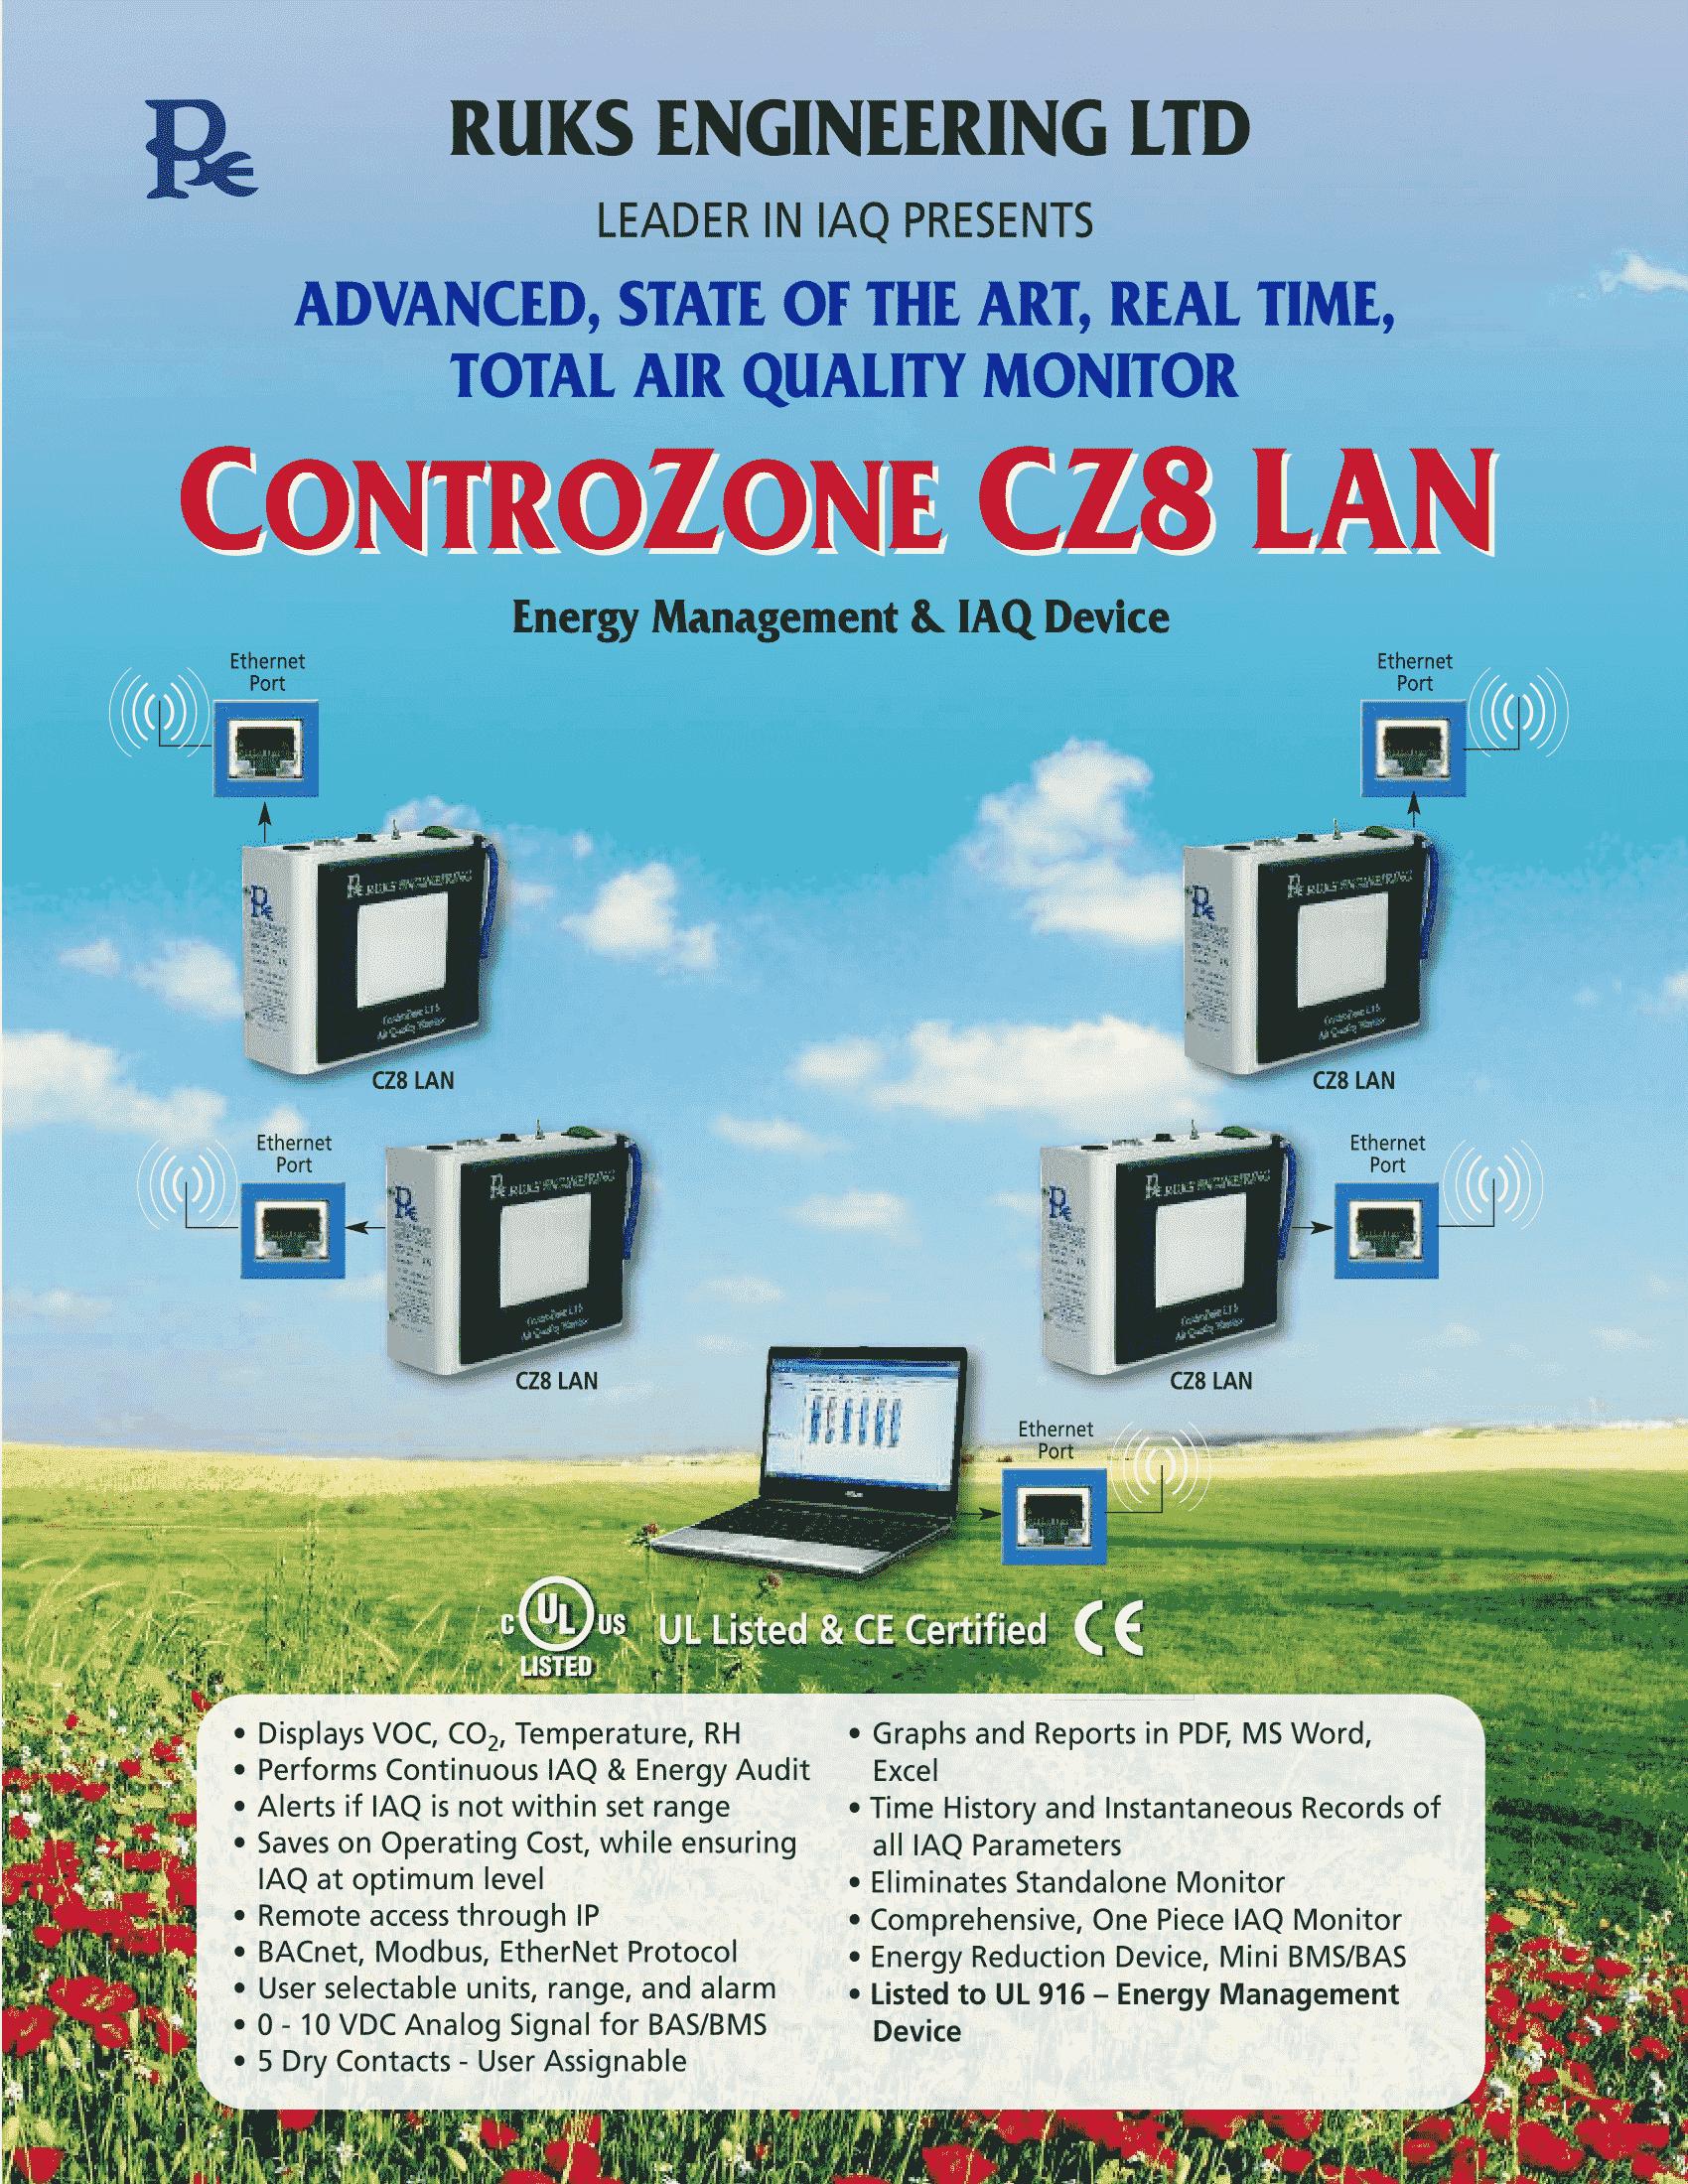 ruks-cz8-lan-iaq-monitor-1-min